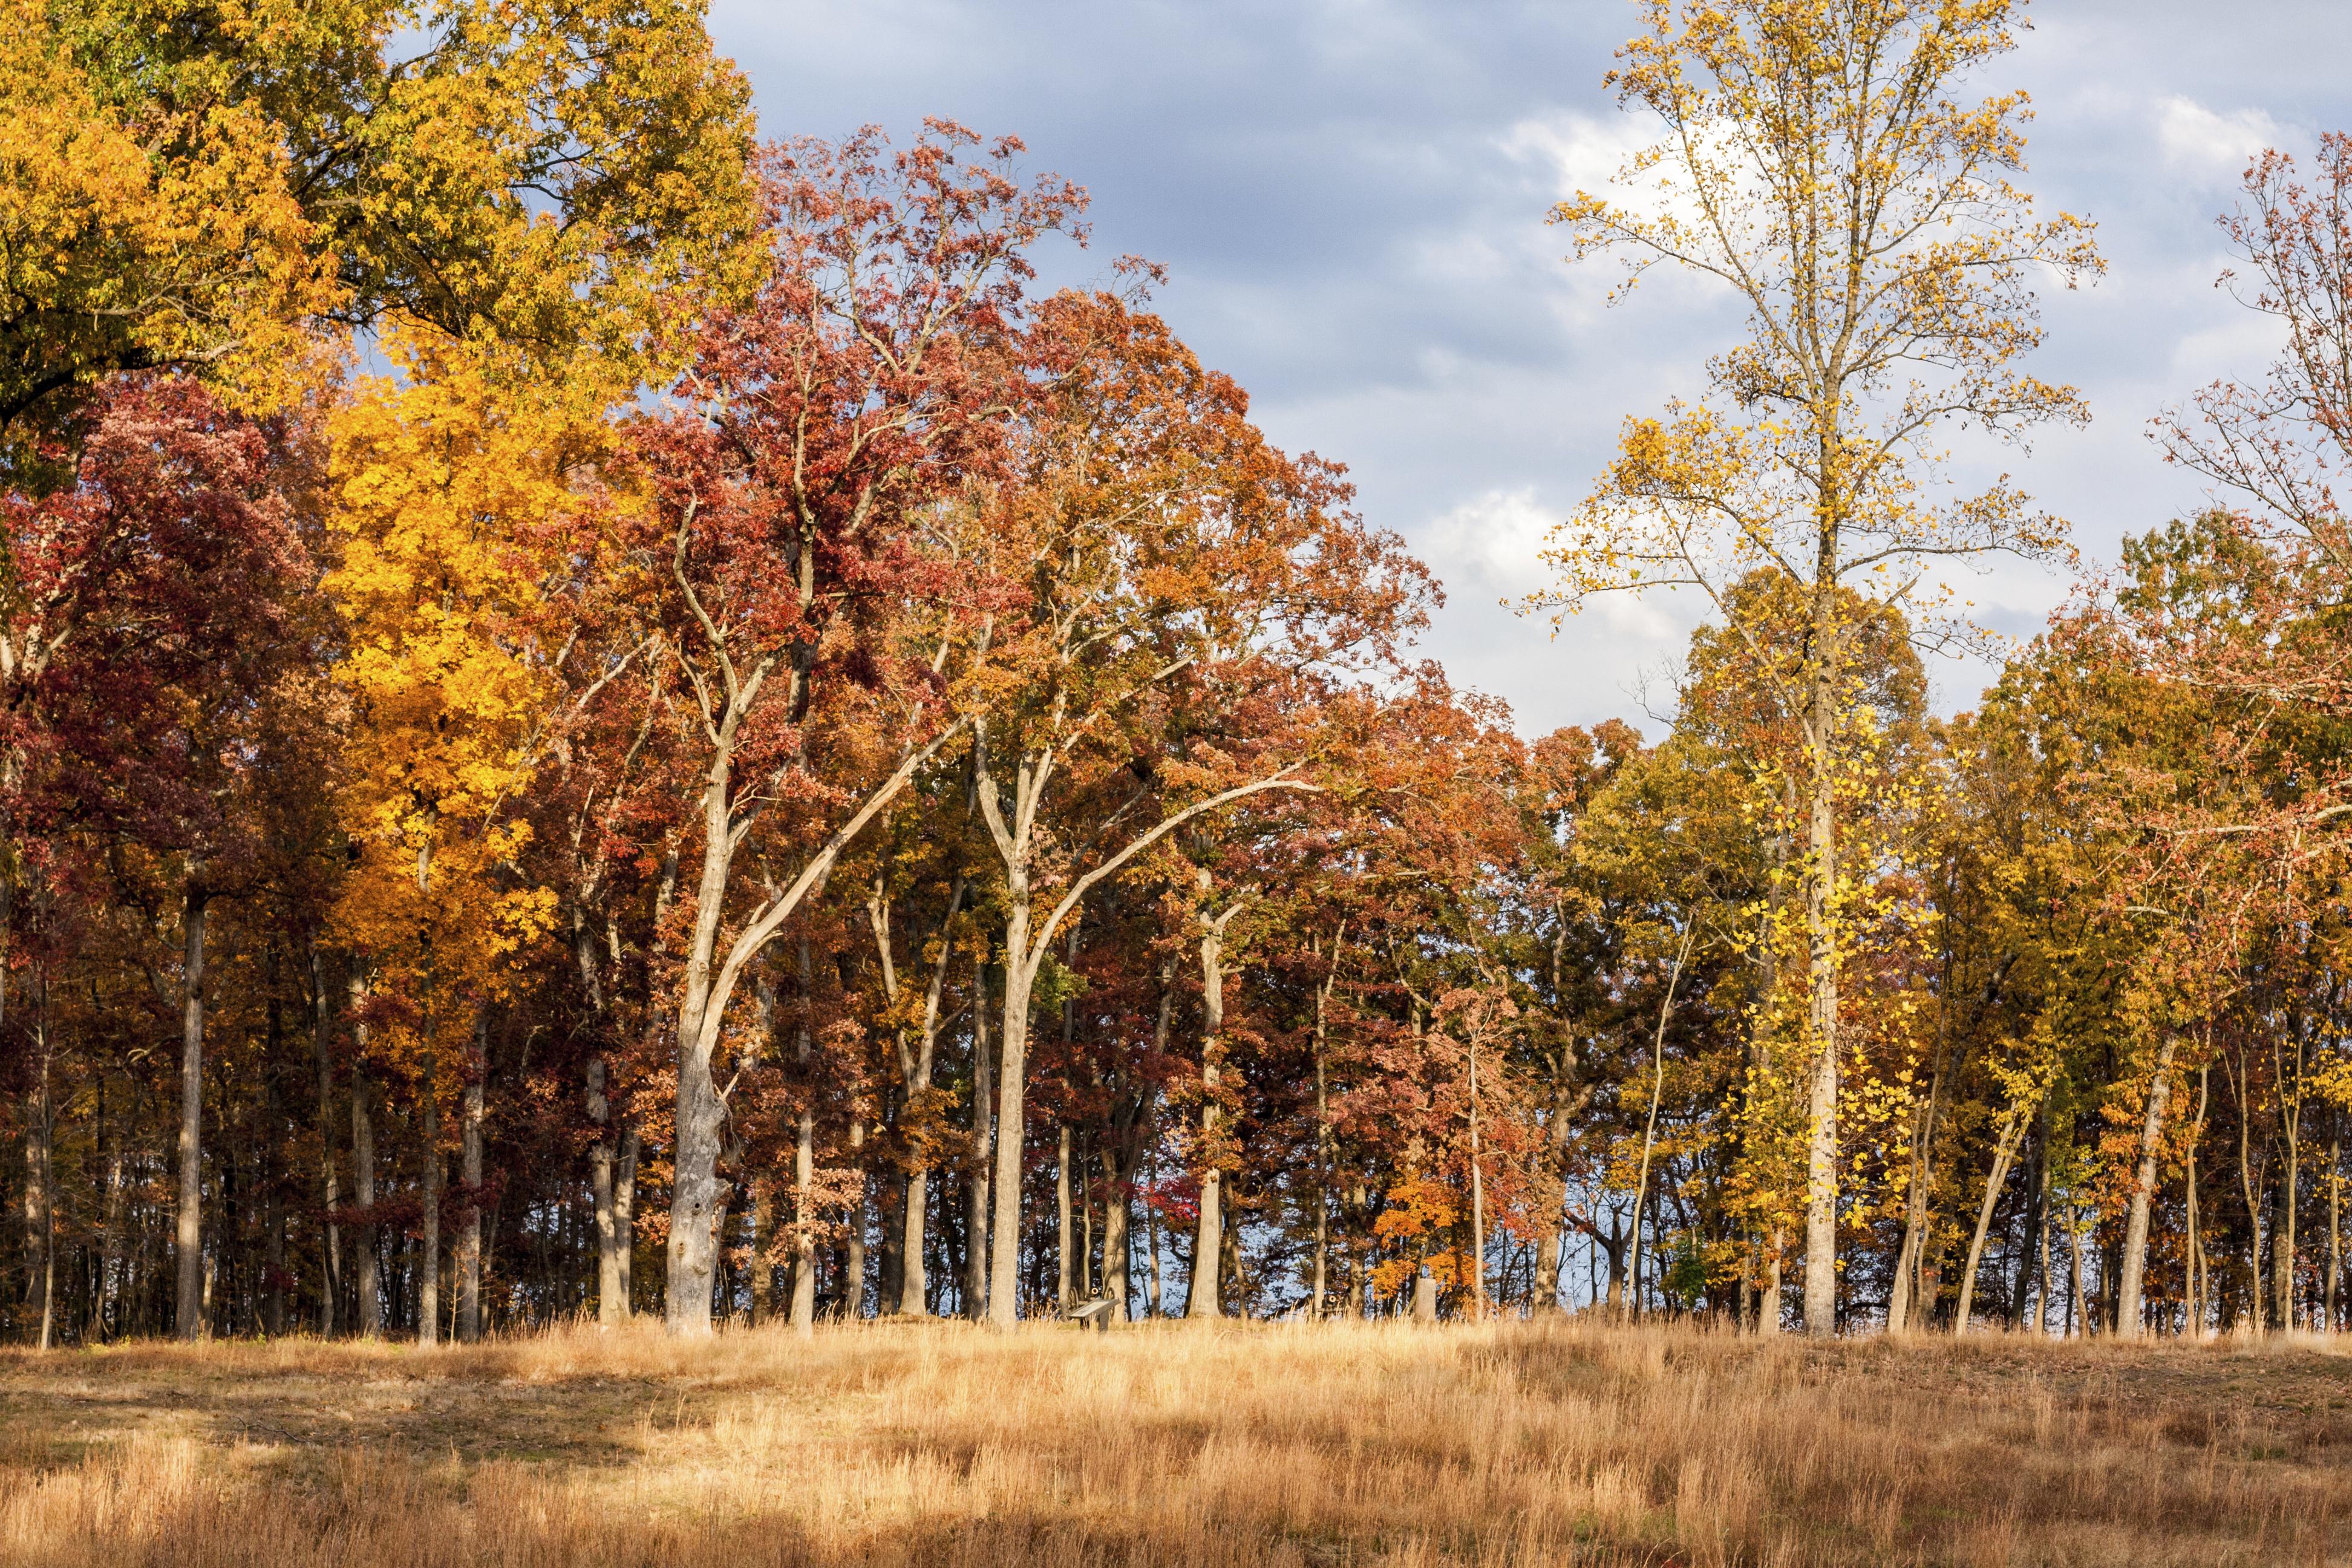 Autumn Landscape in Leesburg, Virginia